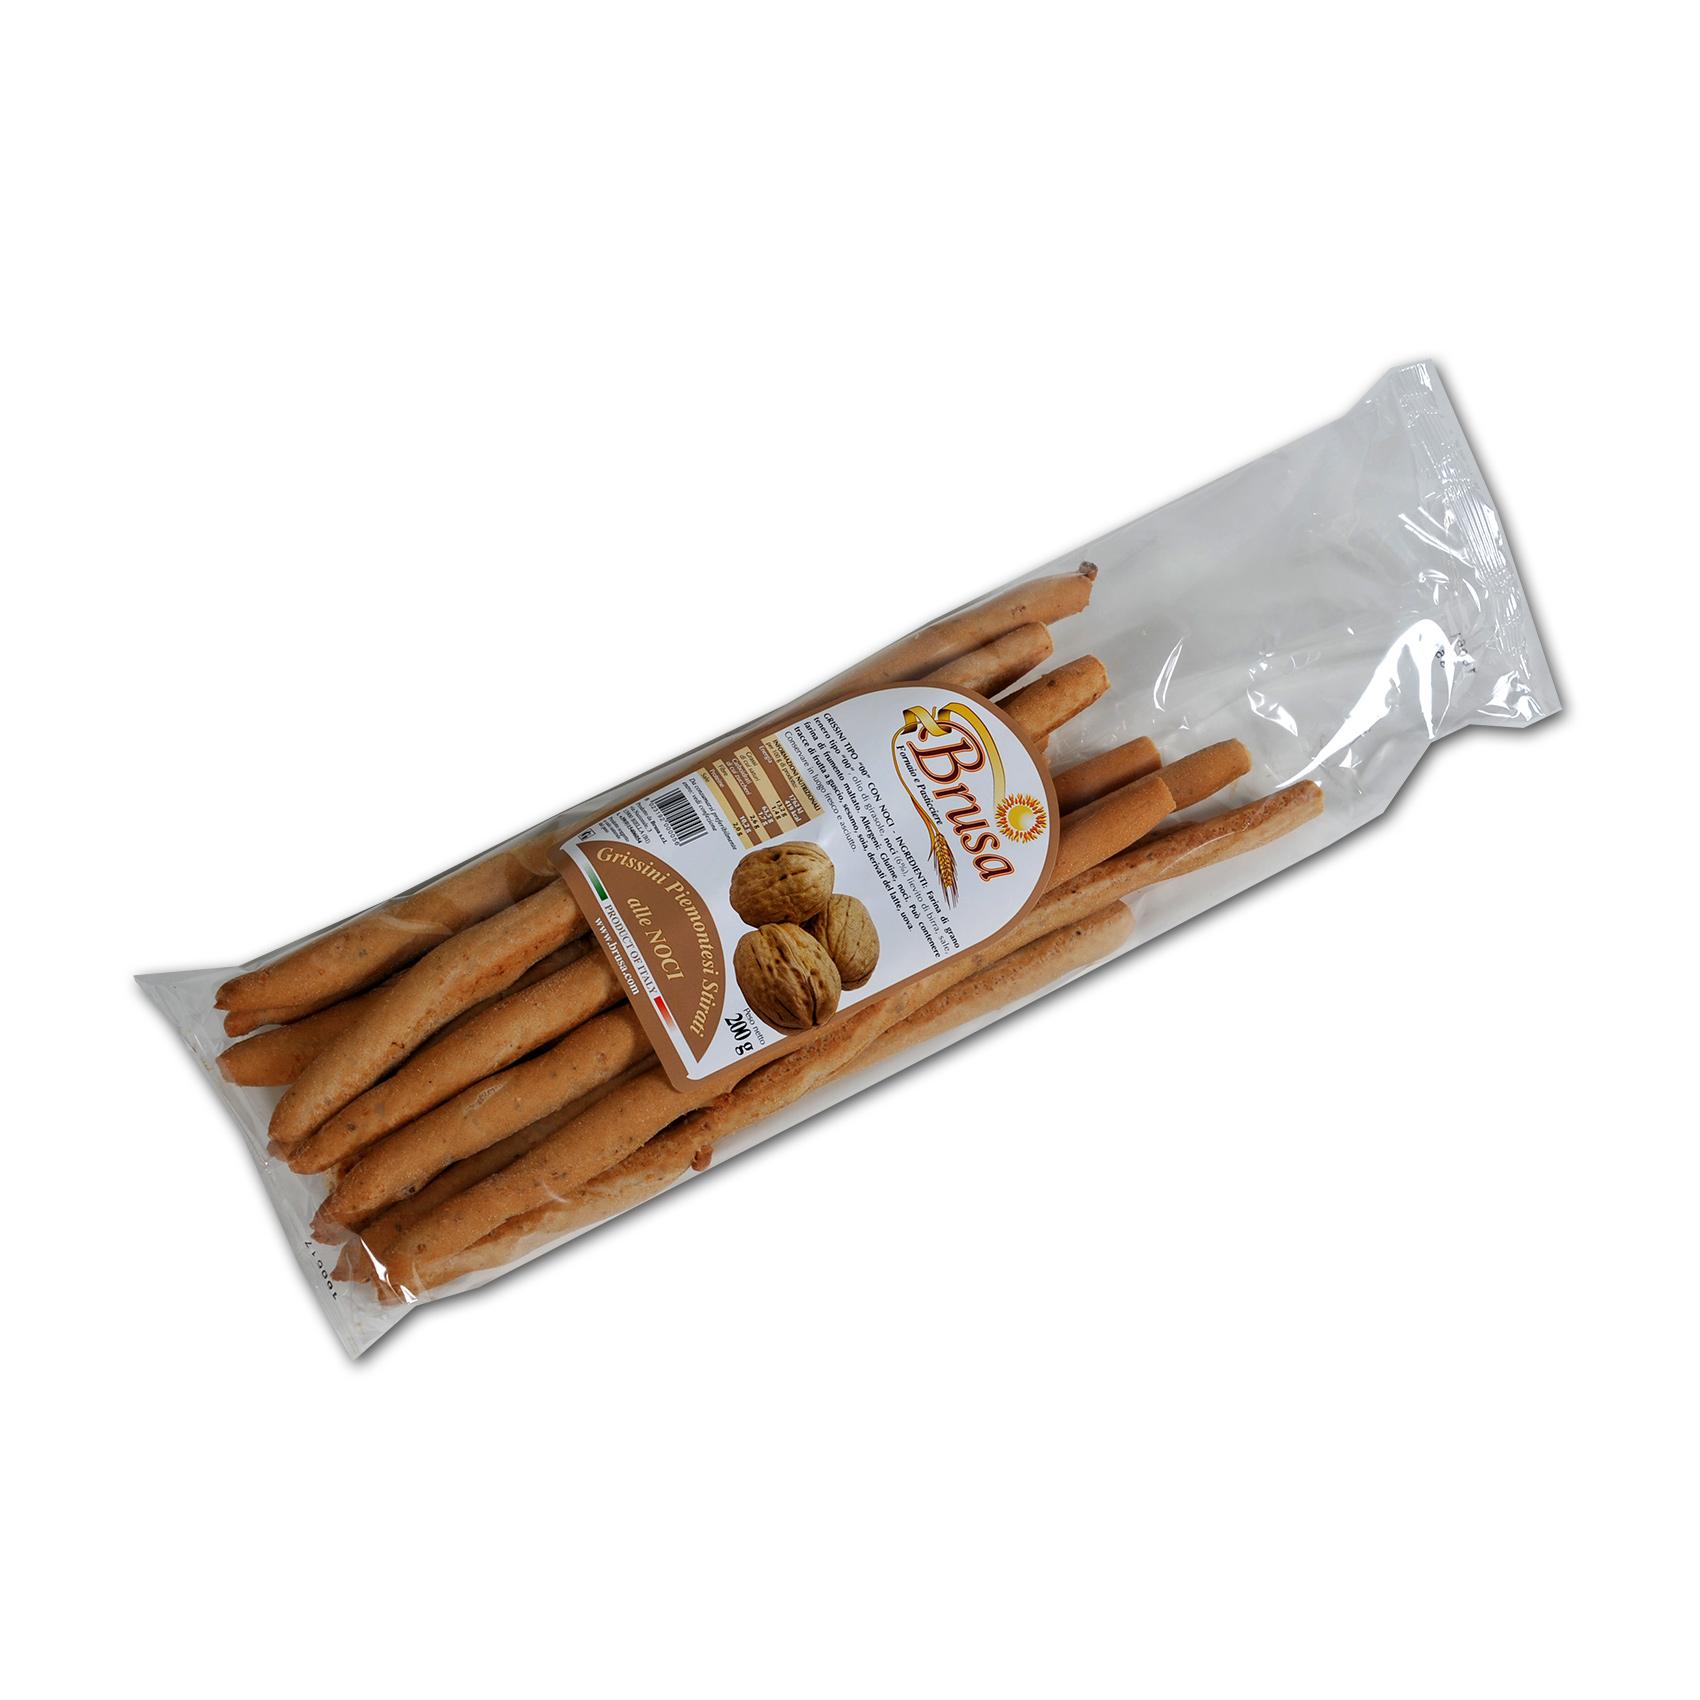 piemontesische-grissini-mit-nussen-200g